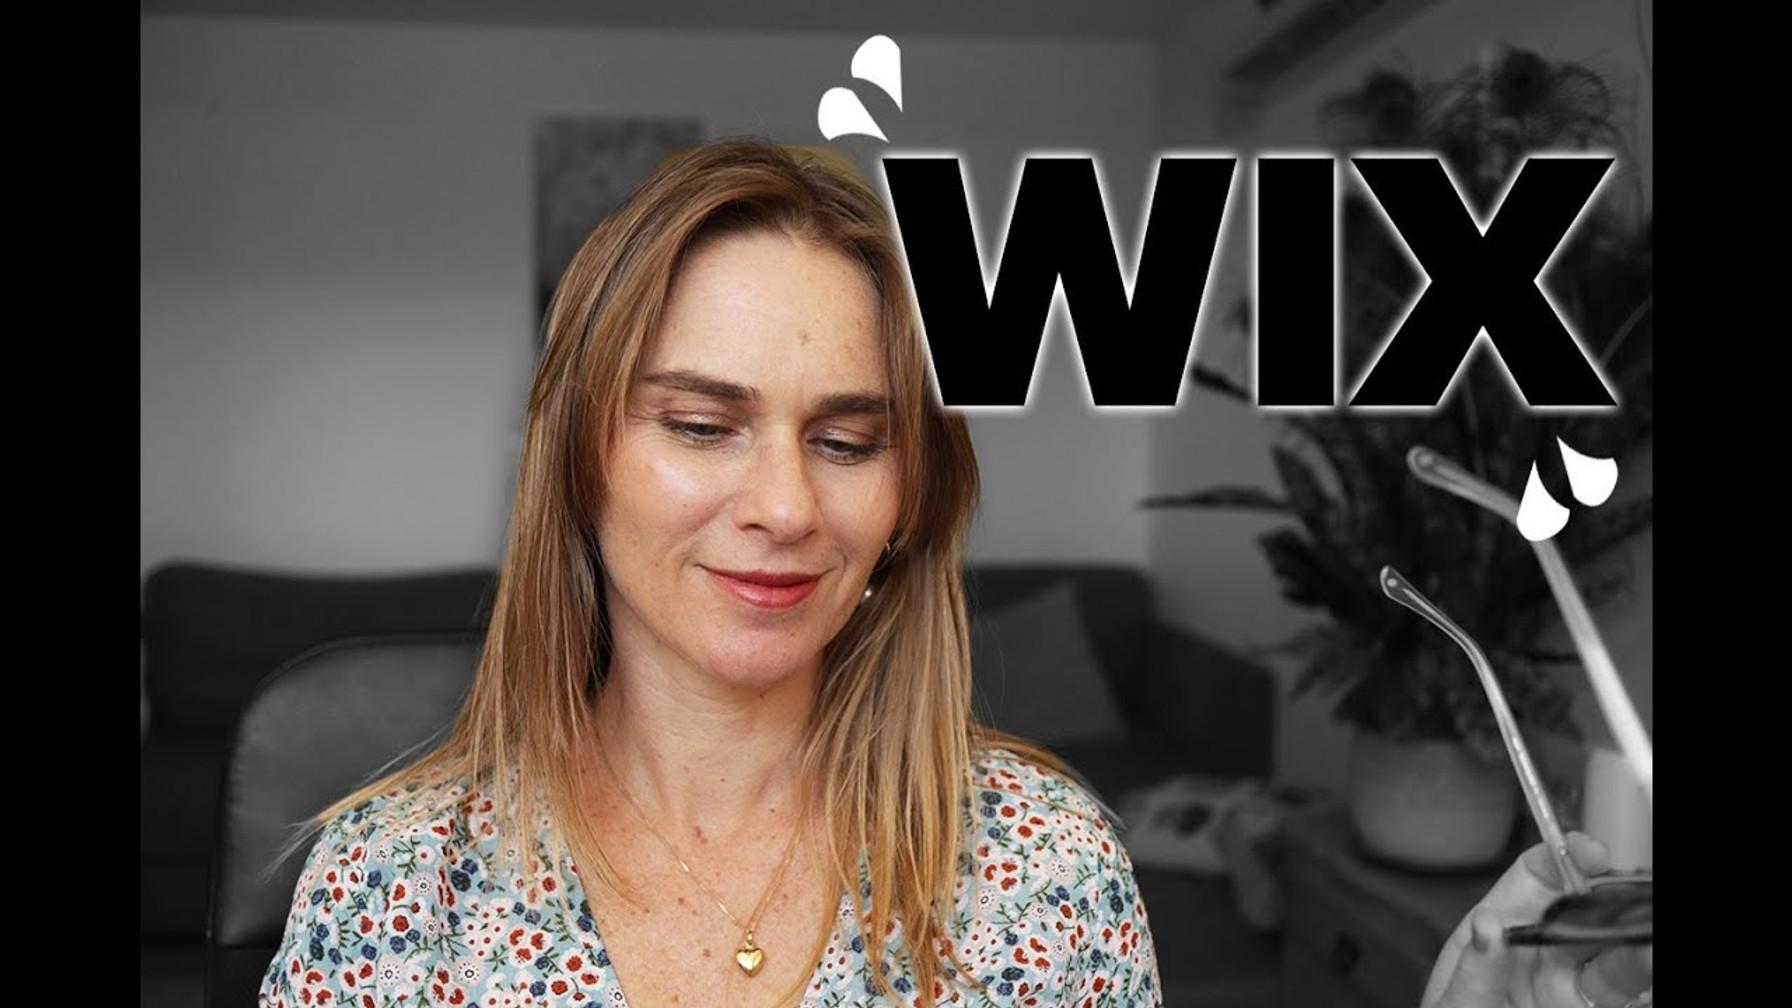 קורס בניית אתר וויקס